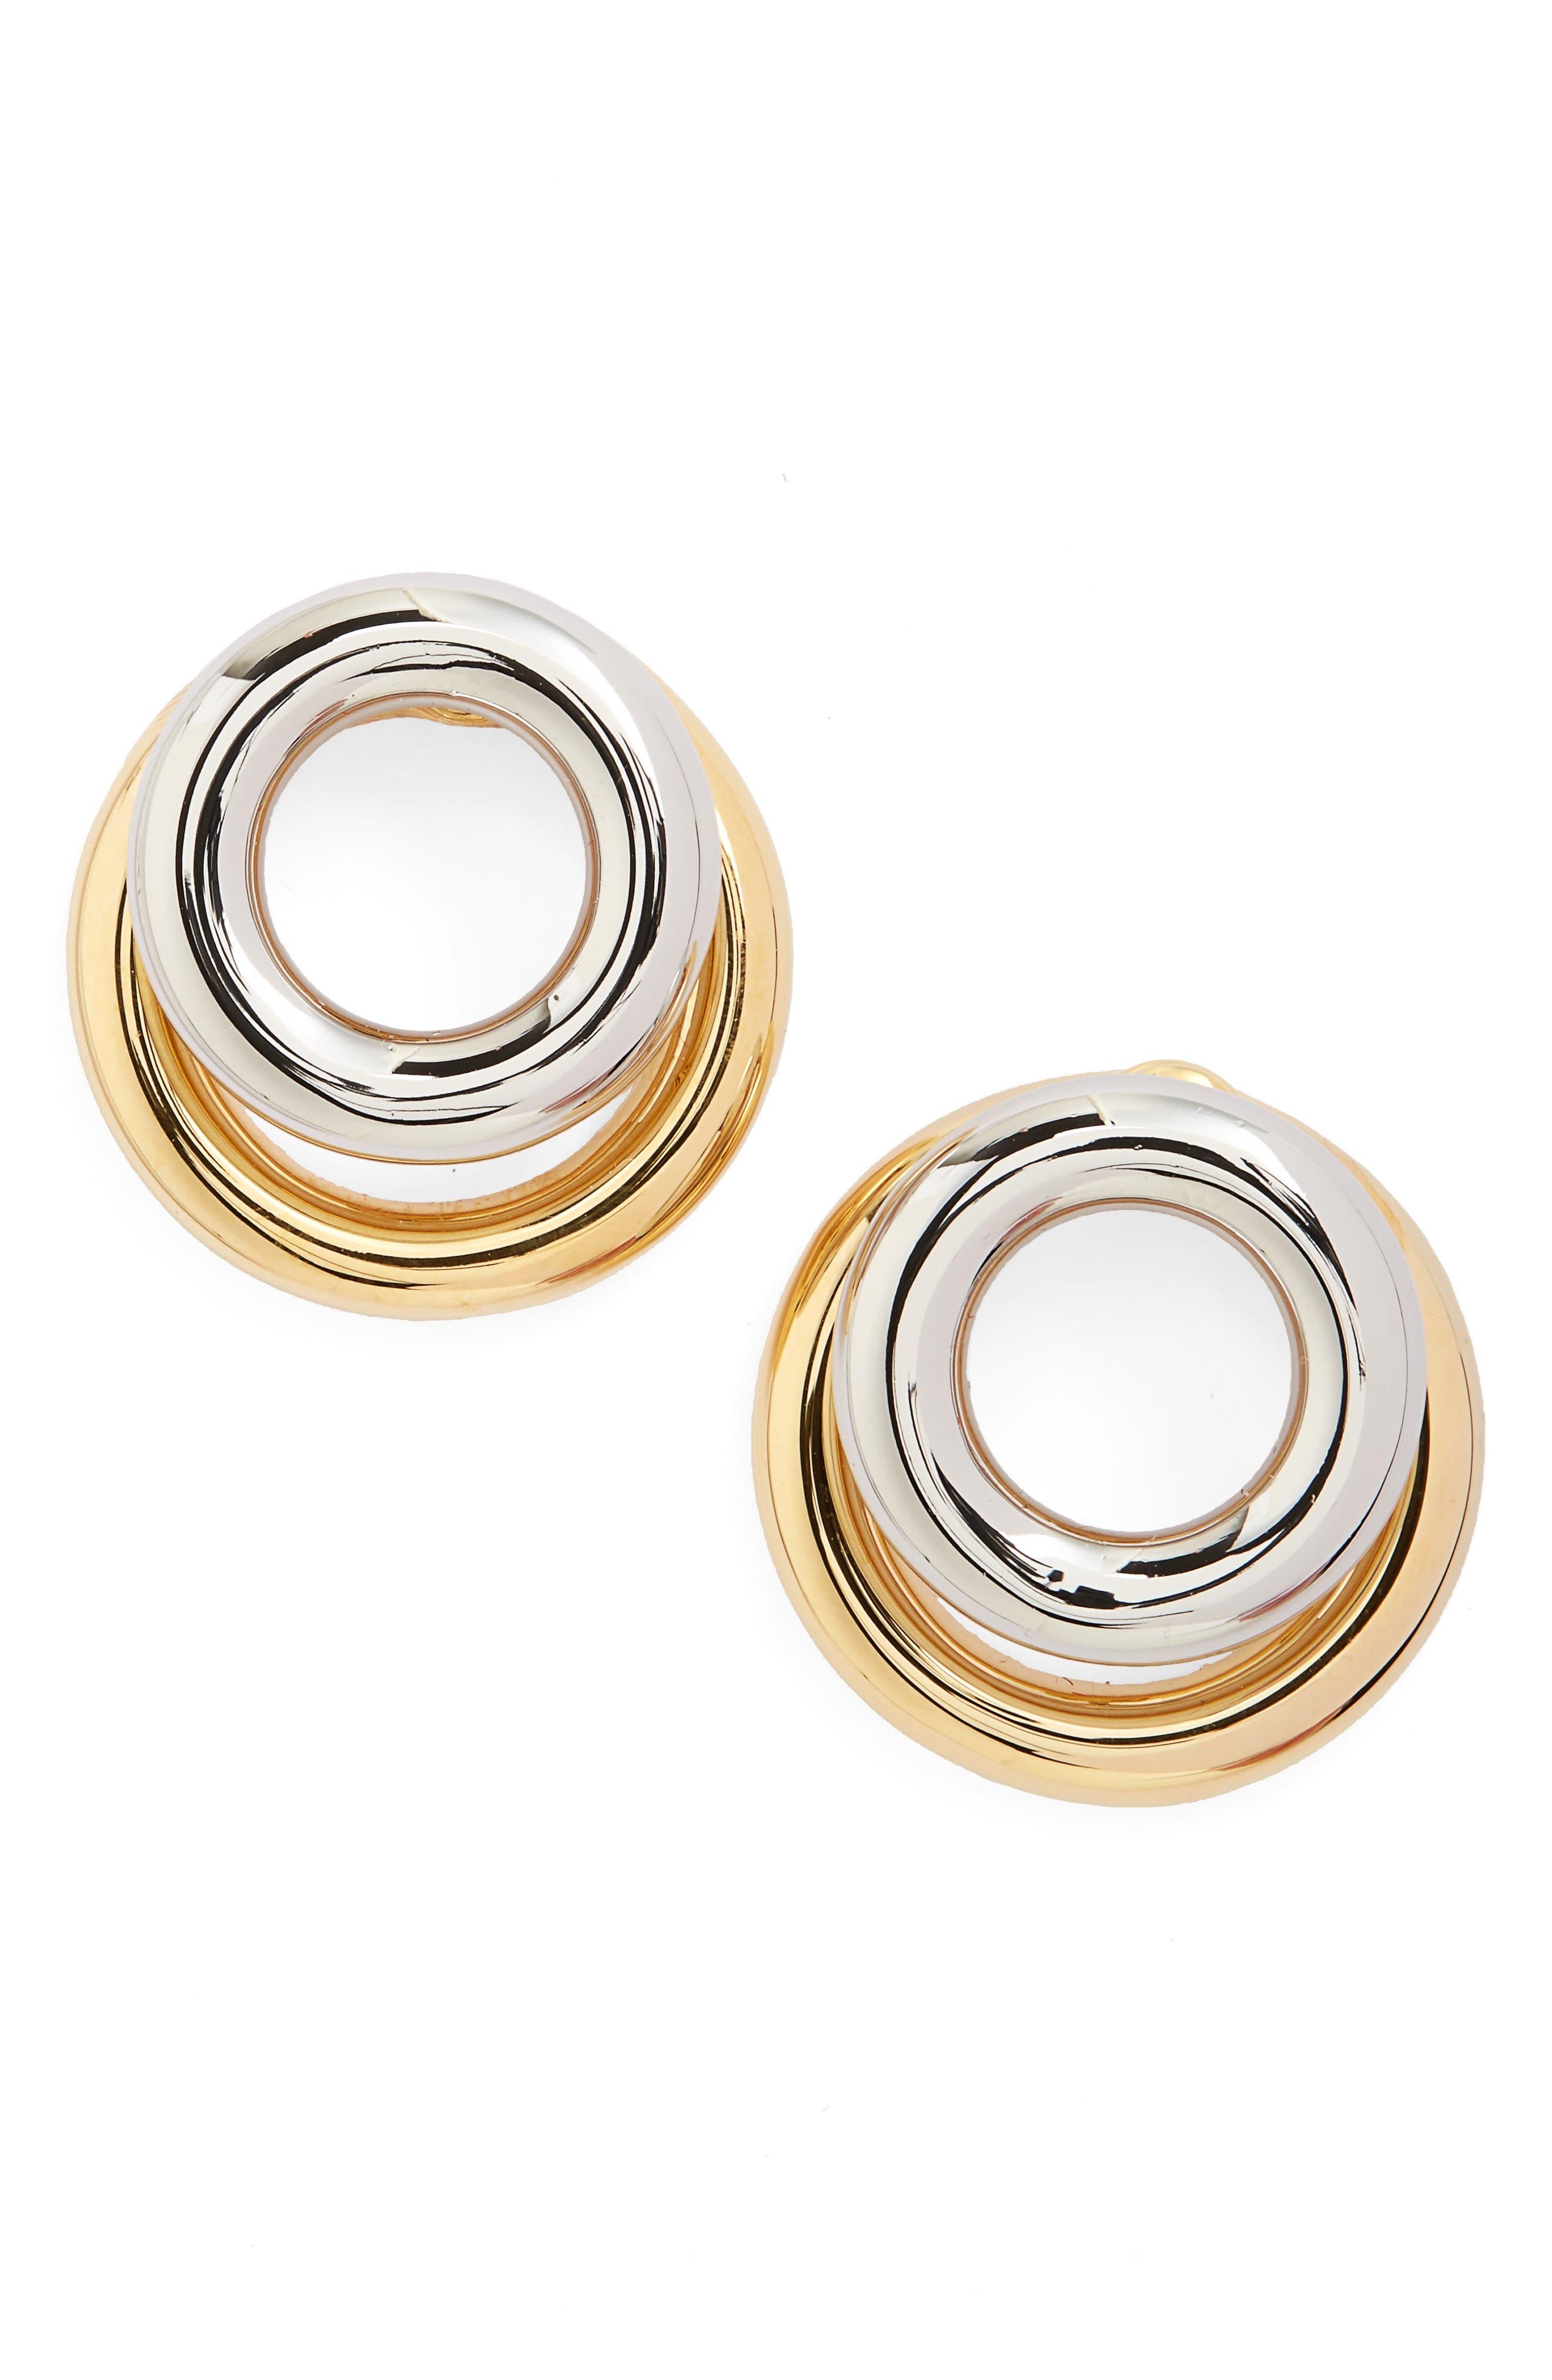 Alternate Image 1 Selected - Alexander Wang Double Hoop Stud Earrings